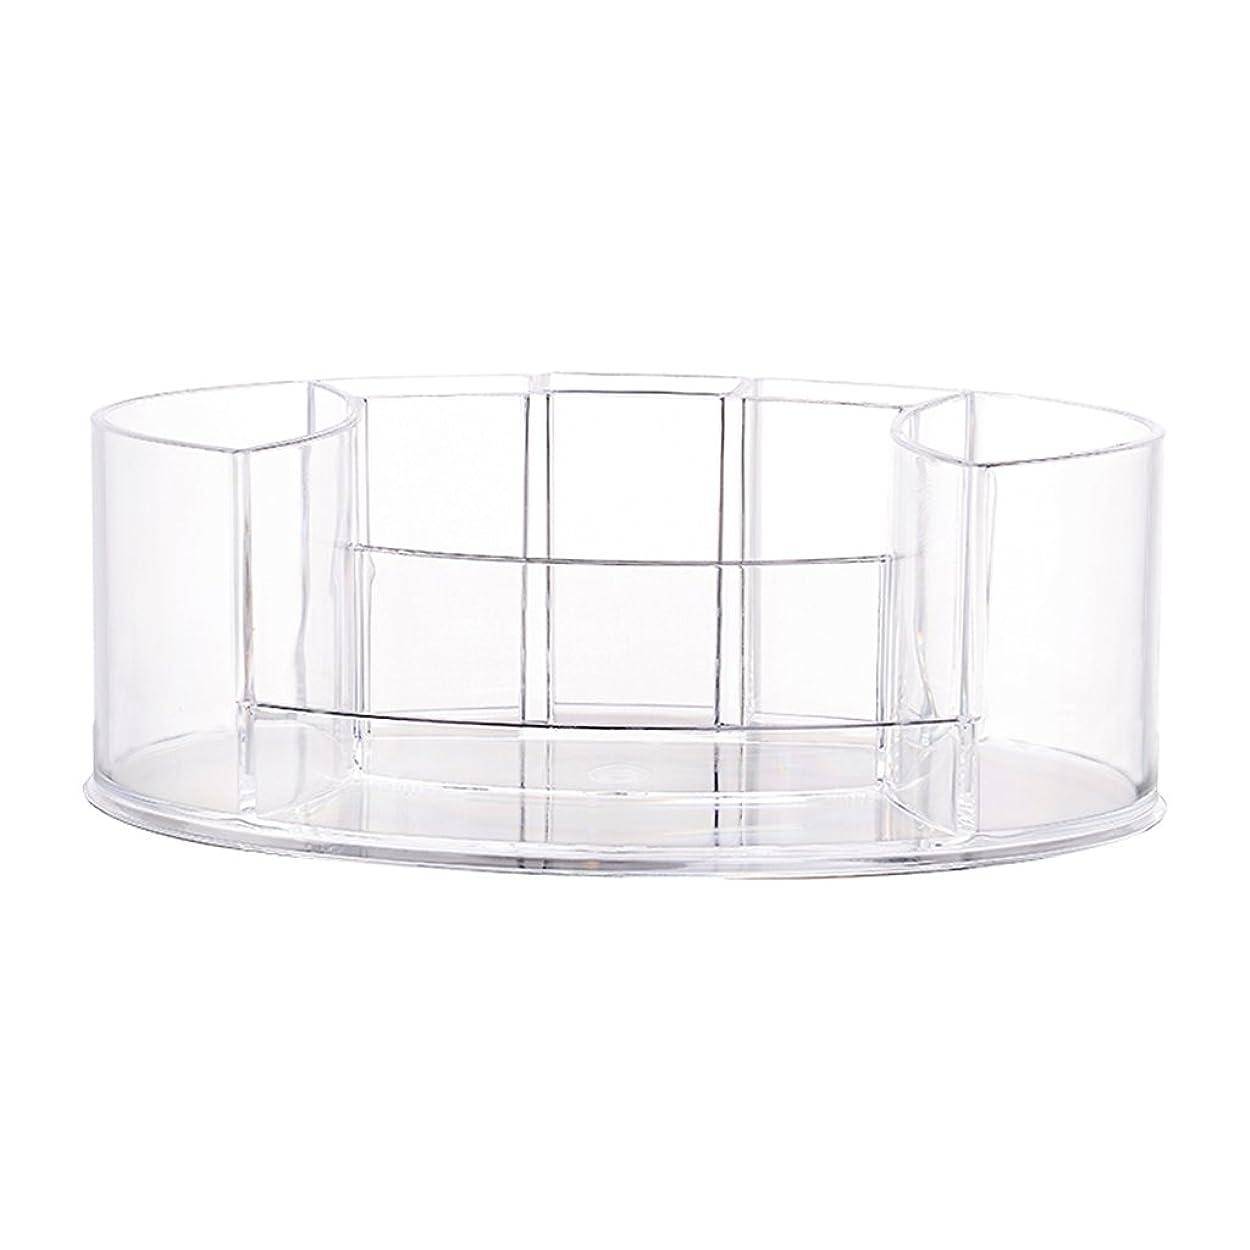 くソケット路地化粧品オーガナイザーデスクトップ収納ボックス透明化粧品収納ボックス宝石収納ボックス (Color : Transparent)